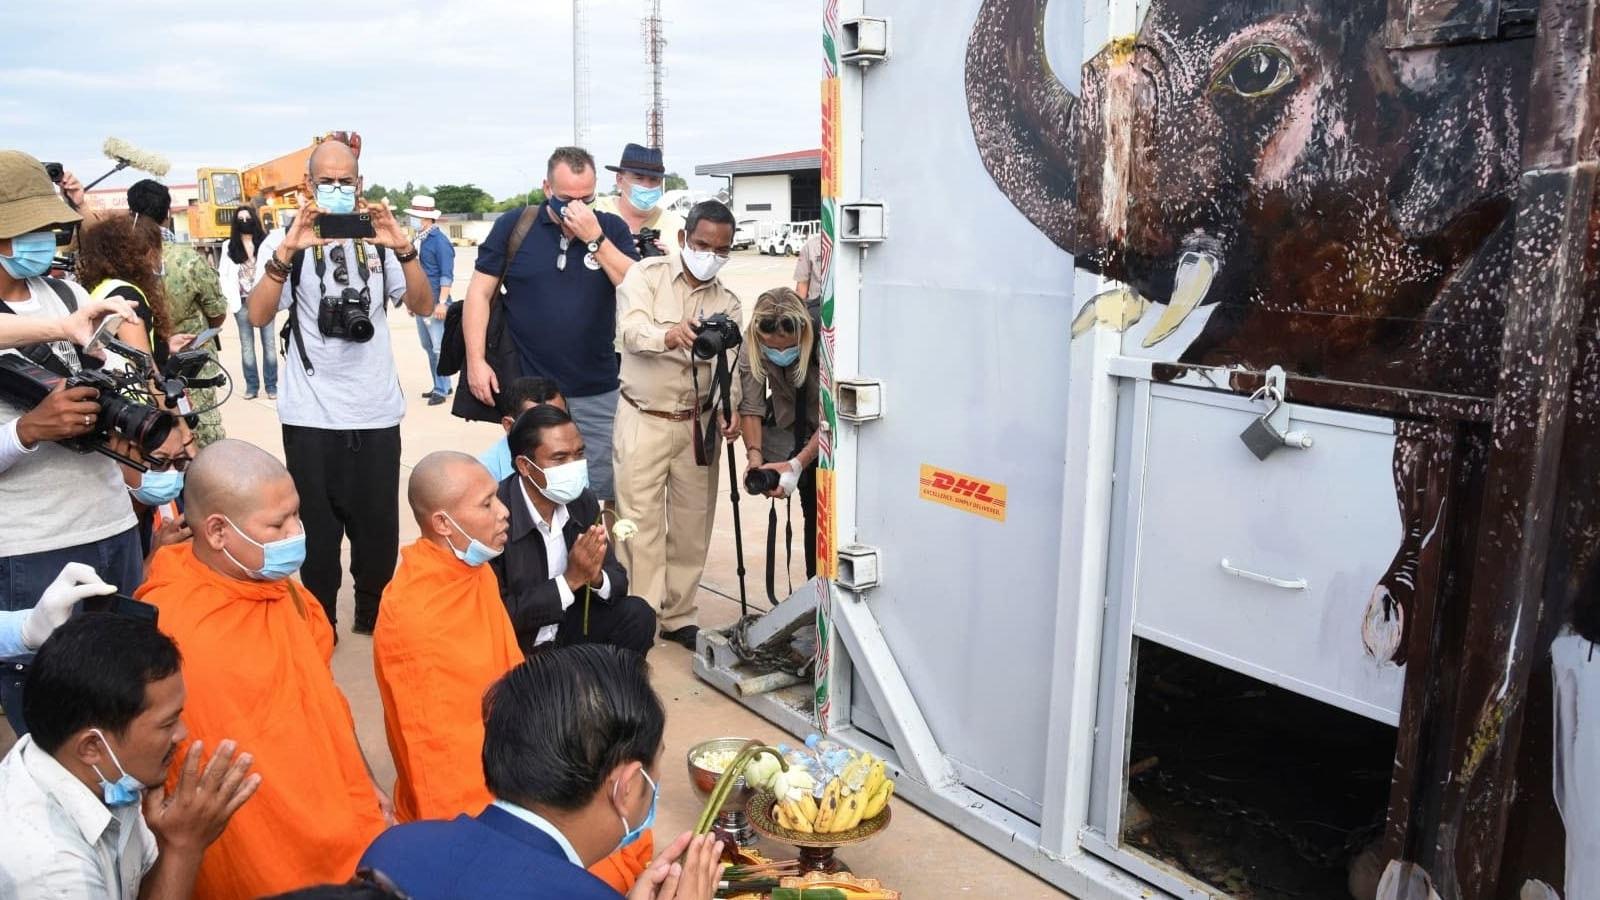 تنہا ترین ہاتھی قرار دیا جانے والا 'کاون' کمبوڈیا پہنچ گیا —فوٹو: اے پی